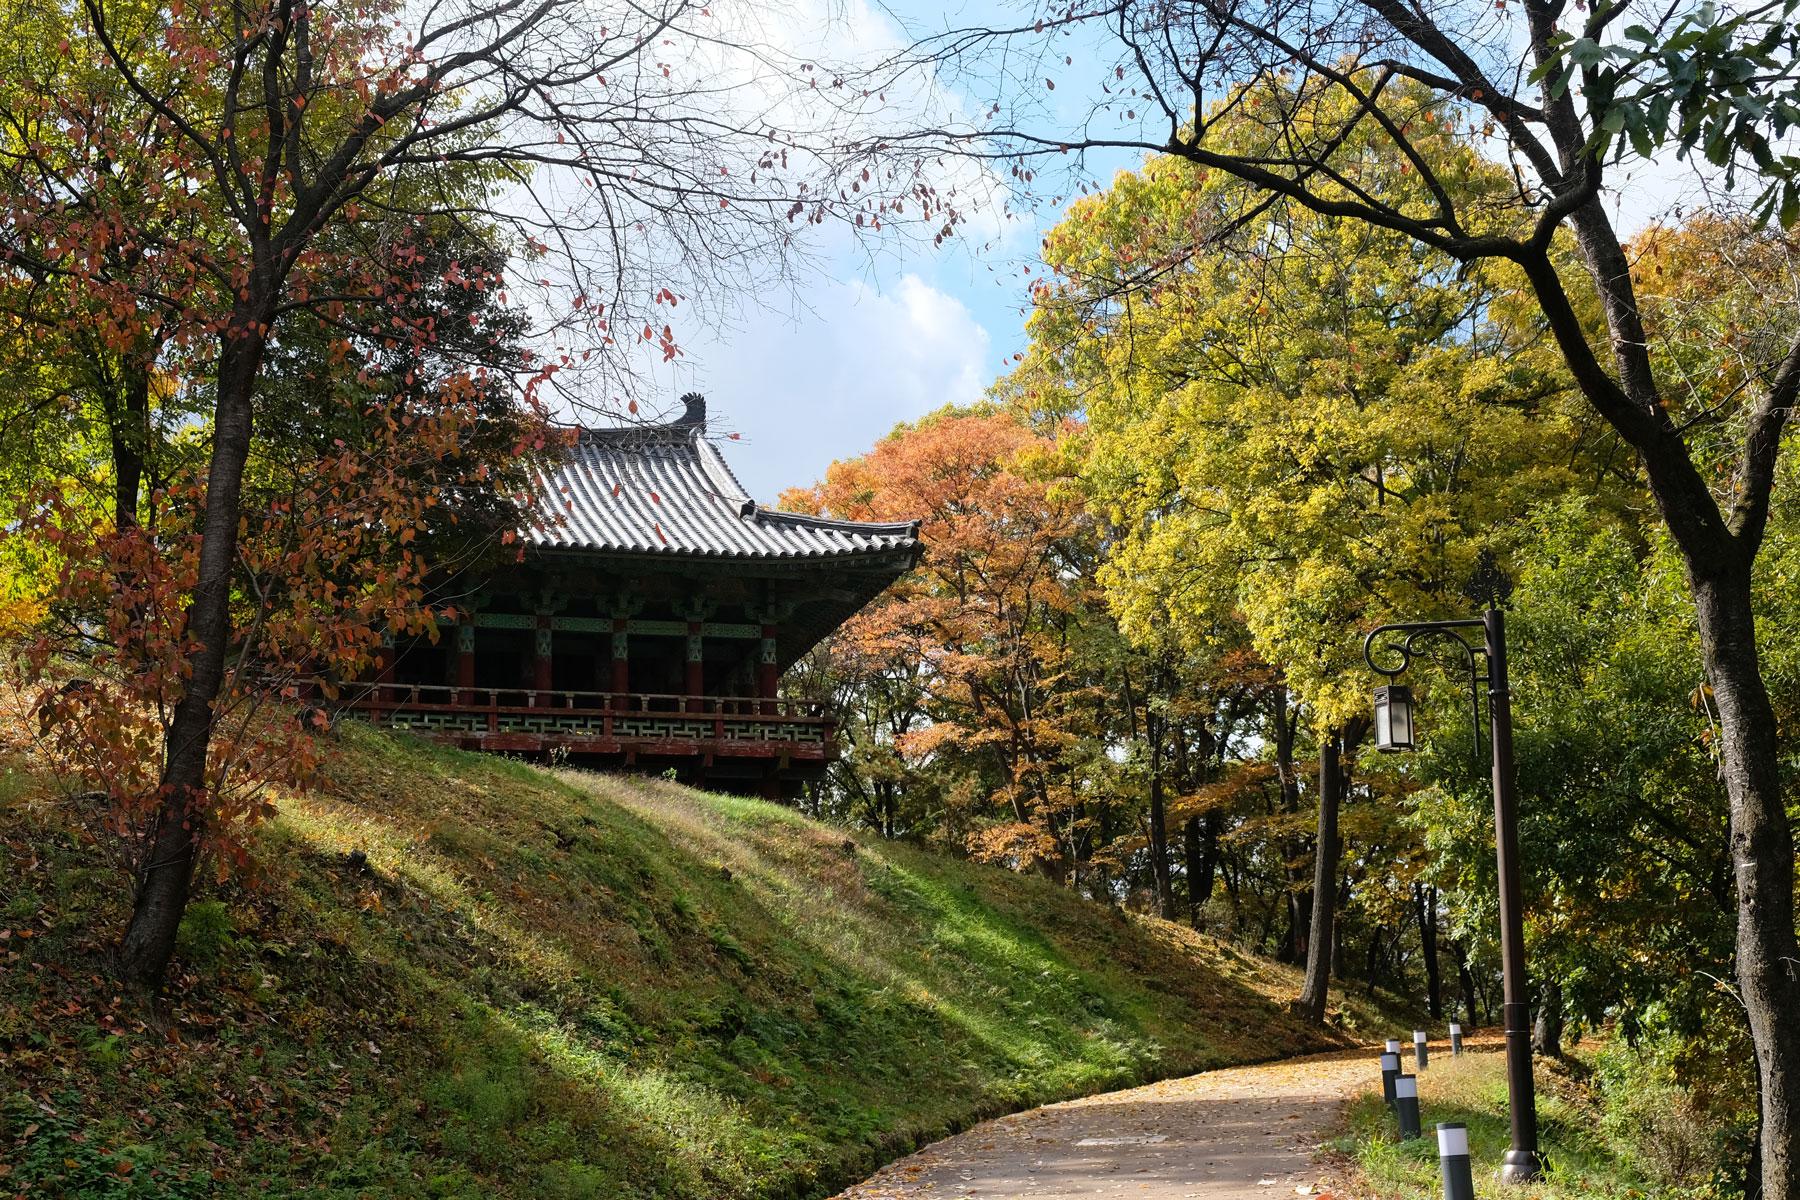 Ein Tempel im Gongsanseong-Fort in Gongju in Südkorea.